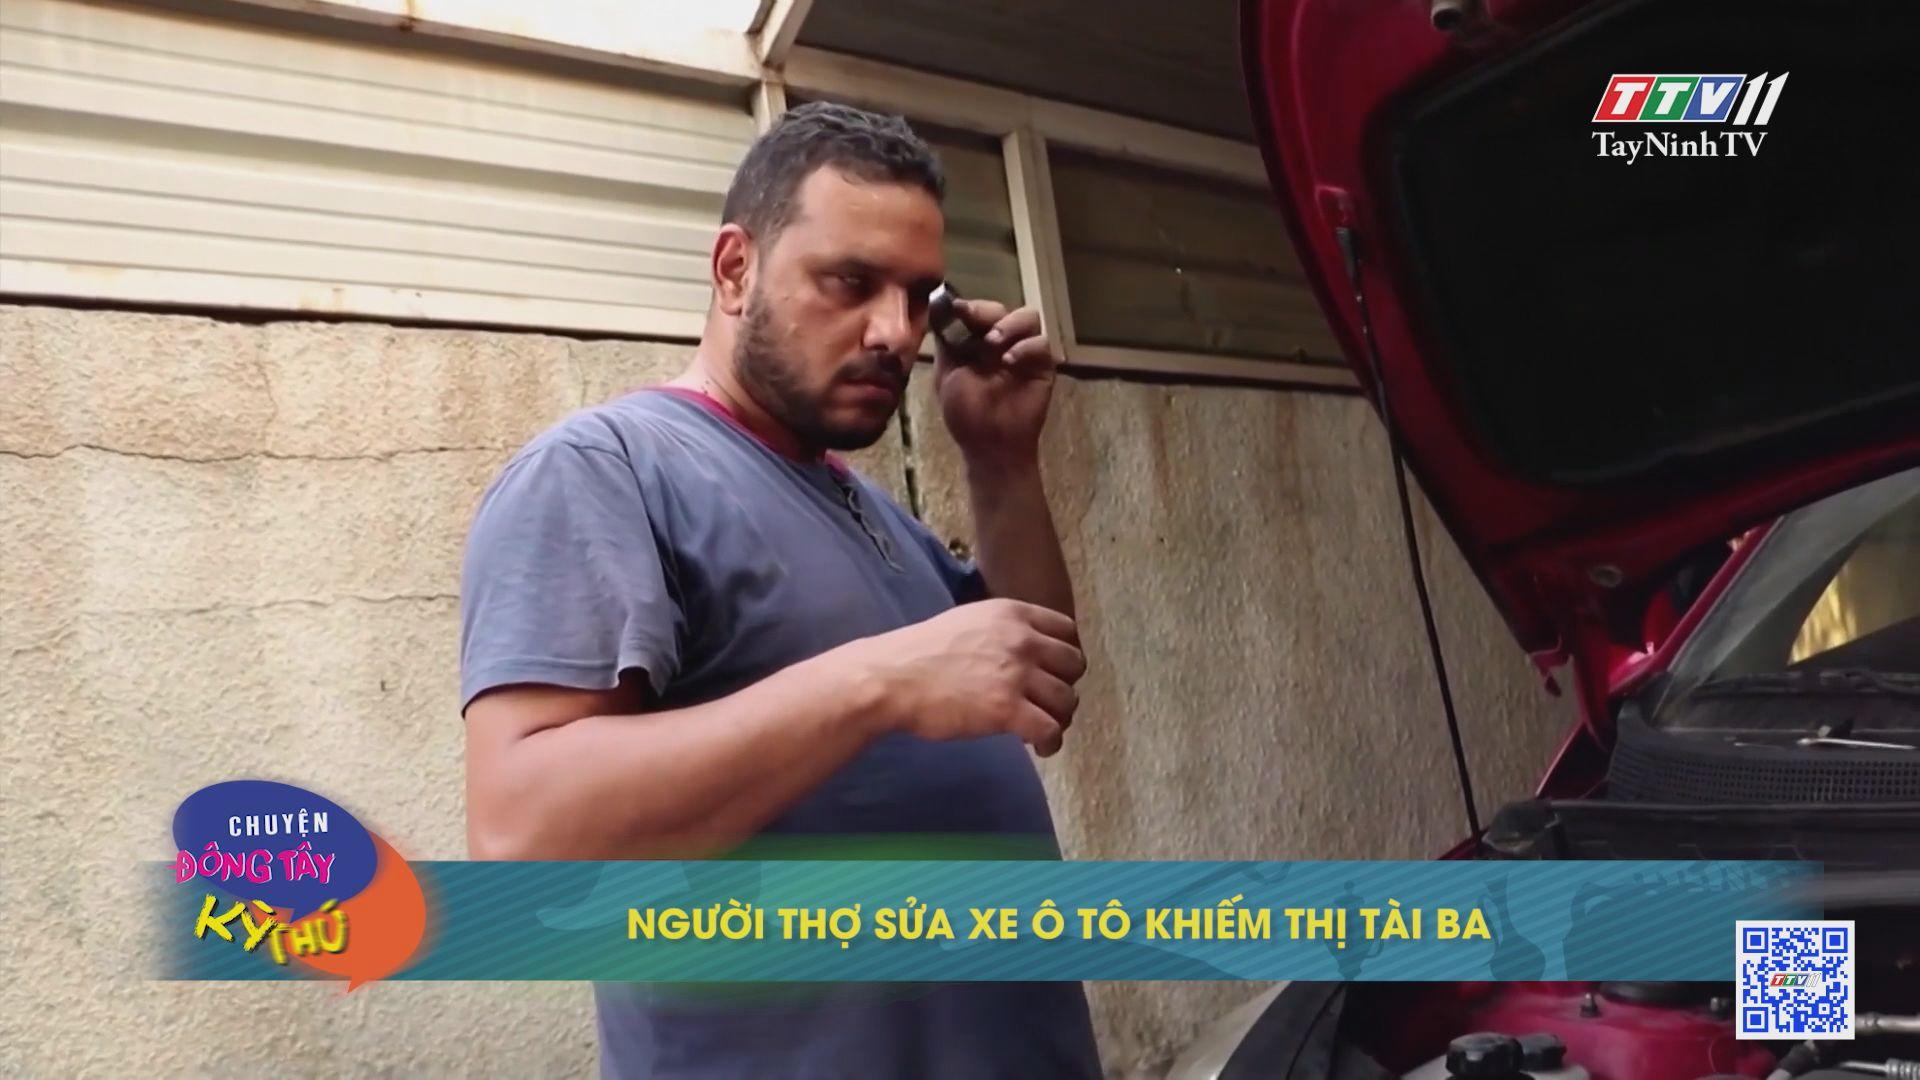 Người thợ sửa xe ô tô khiếm thị tài ba | CHUYỆN ĐÔNG TÂY KỲ THÚ | TayNinhTVE